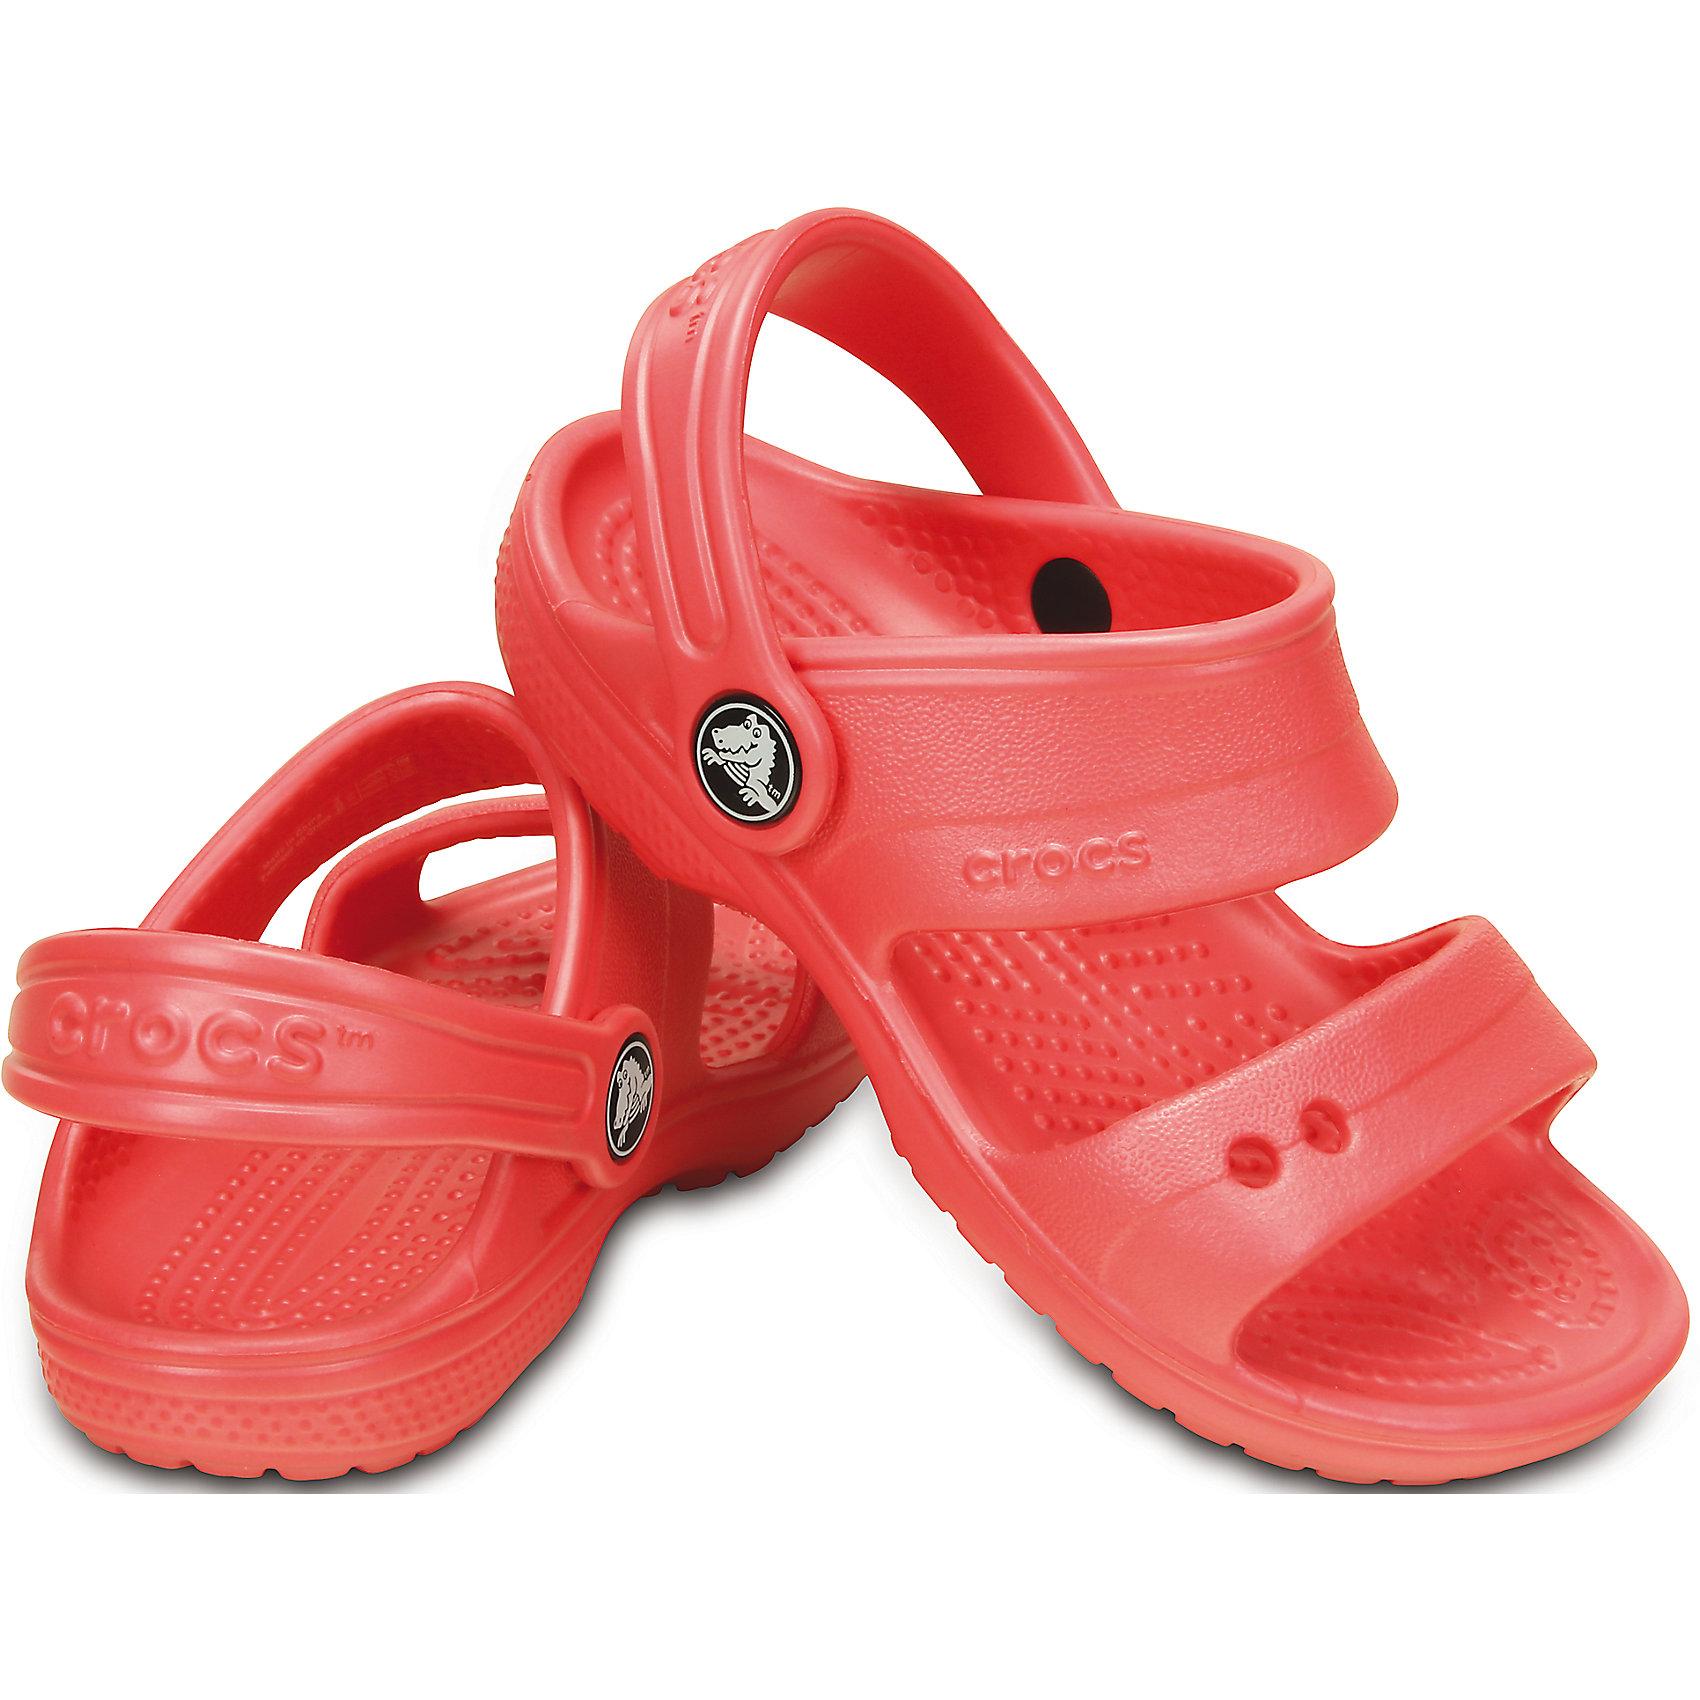 crocs Сандалии Classic Sandal K CROCS crocs сандали keeley frozen fever sandal k для девочки crocs